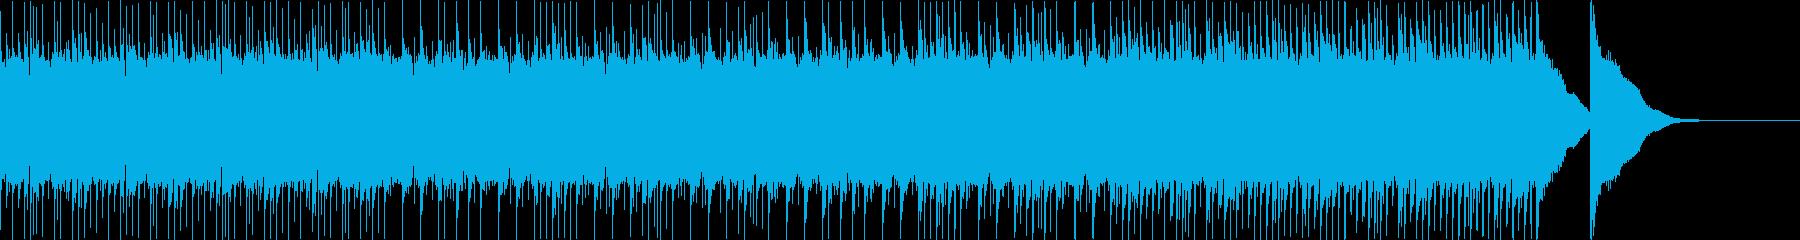 三味線+和太鼓 勢いあるシブい和風曲5Aの再生済みの波形